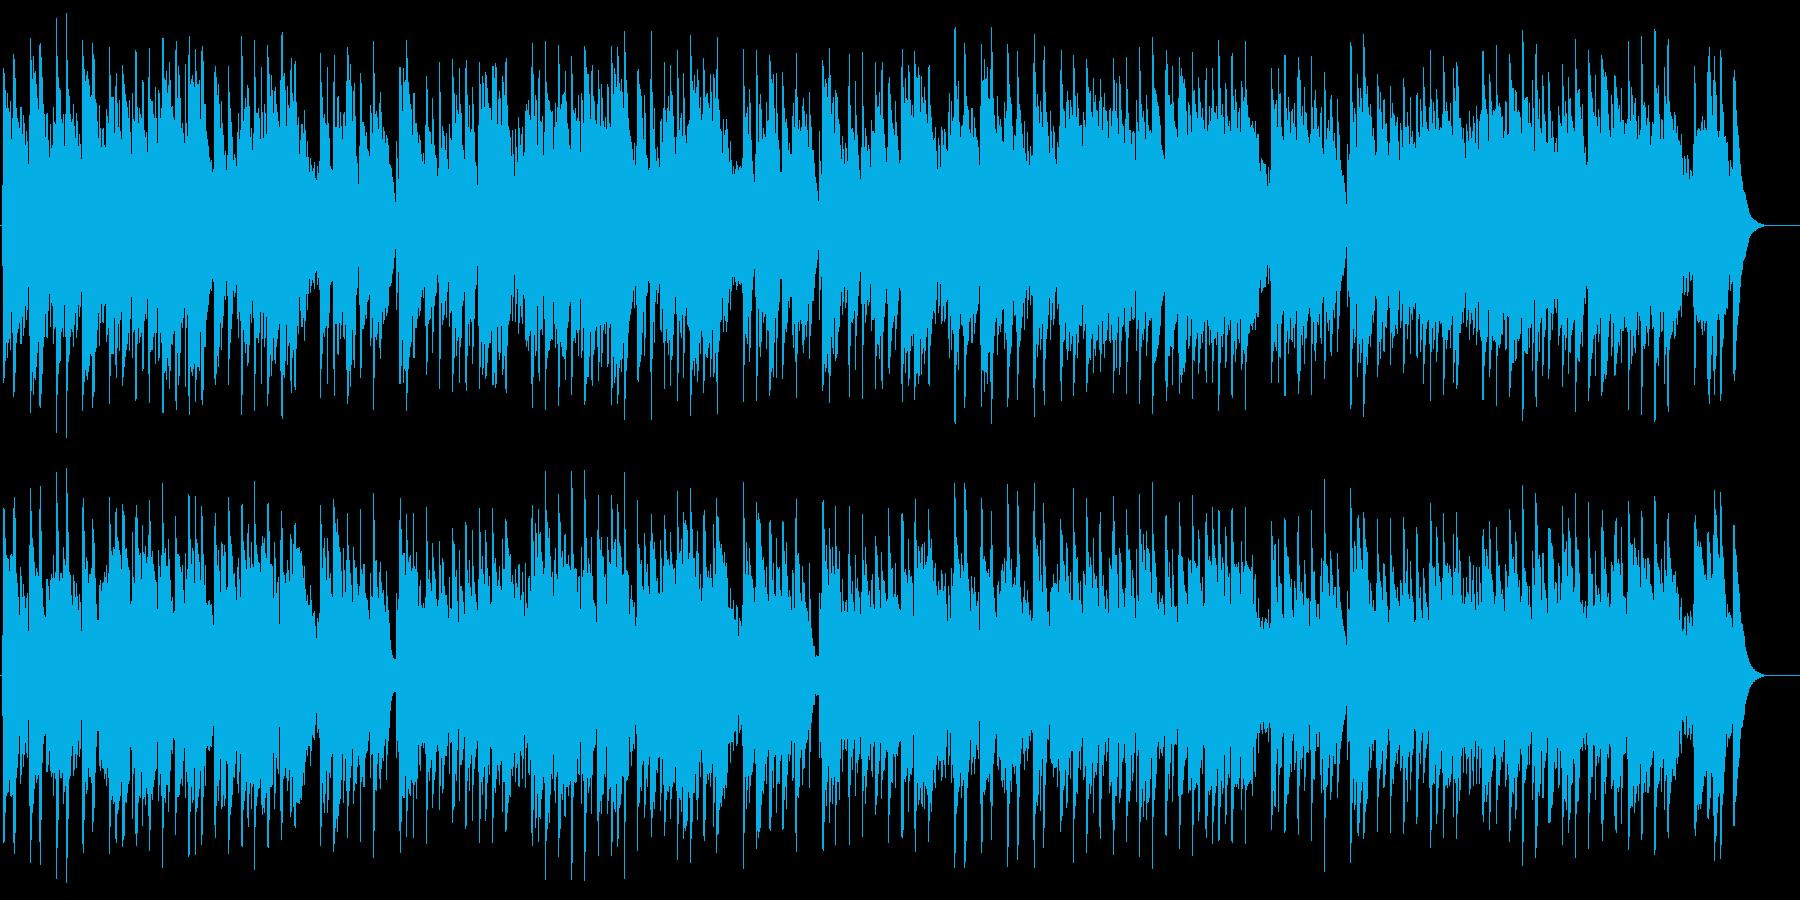 マフィン売り オルゴールの再生済みの波形